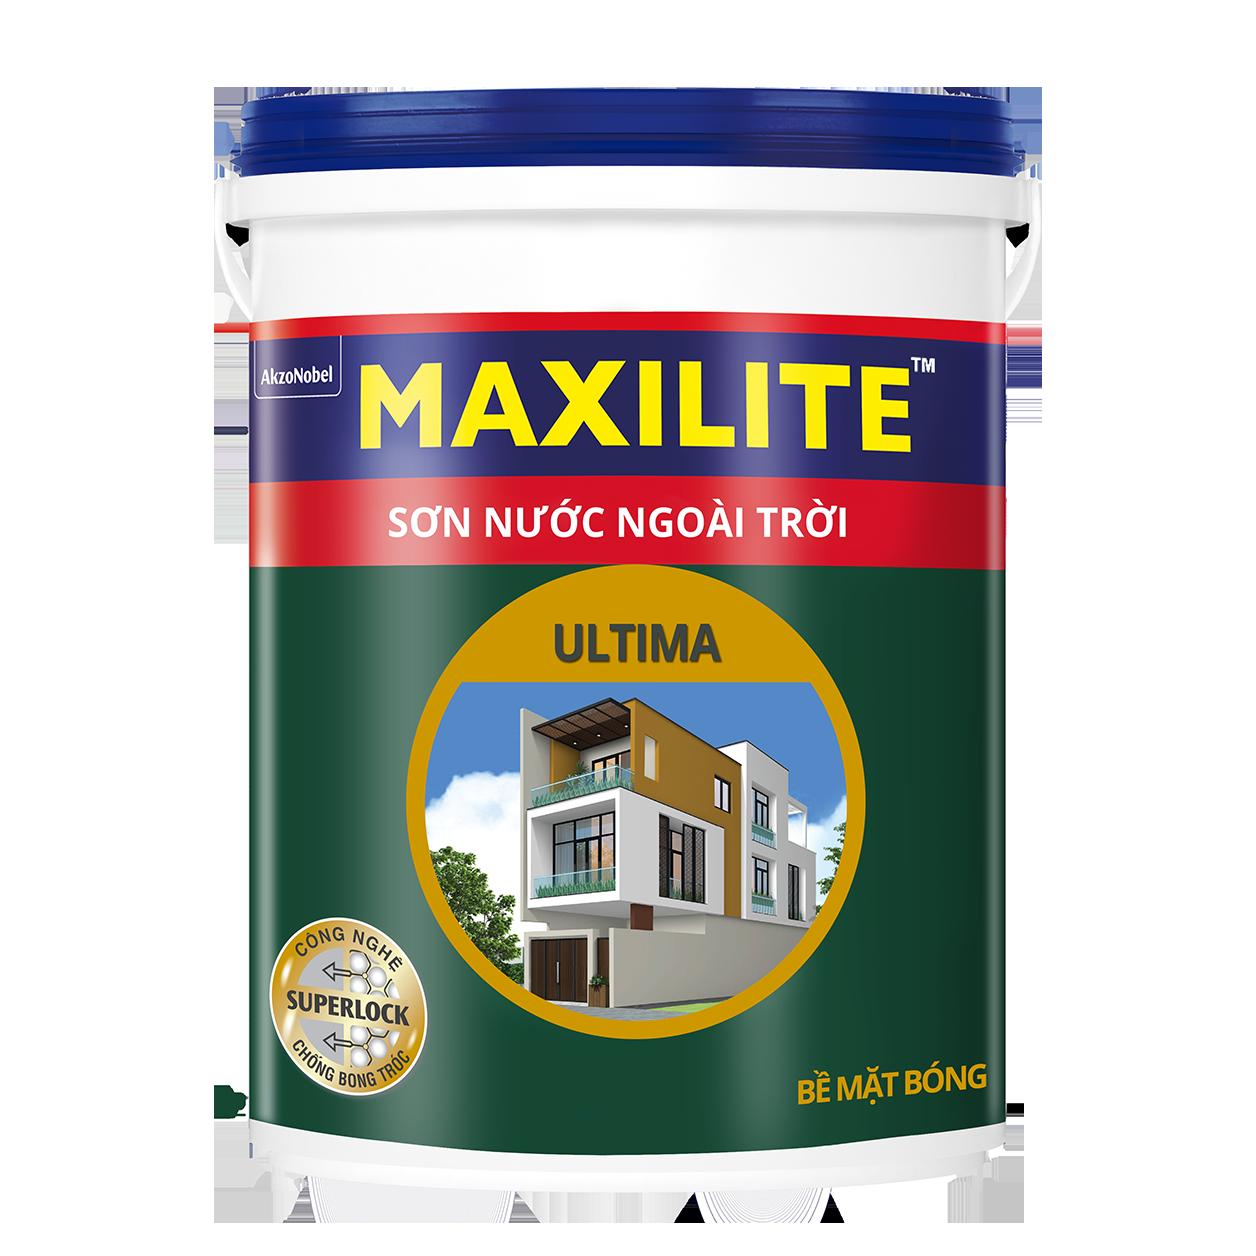 Sơn Nước Ngoài Trời Maxilite Ultima - Bề Mặt Bóng